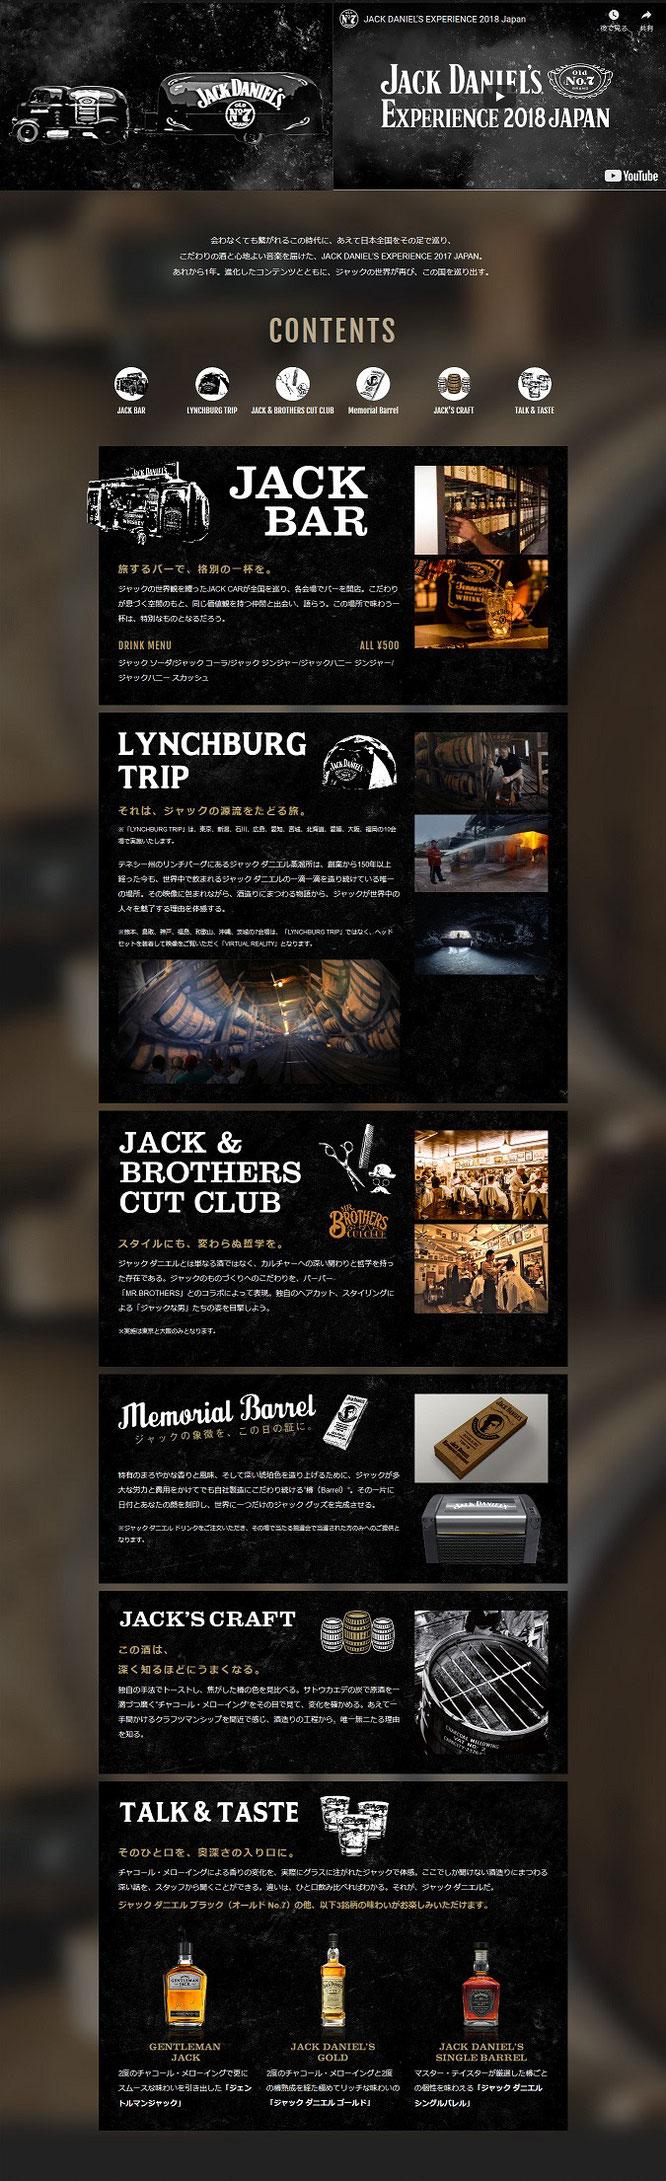 【ジャック ダニエル】JACK DANIEL'S EXPERIENCE 2018 JAPAN